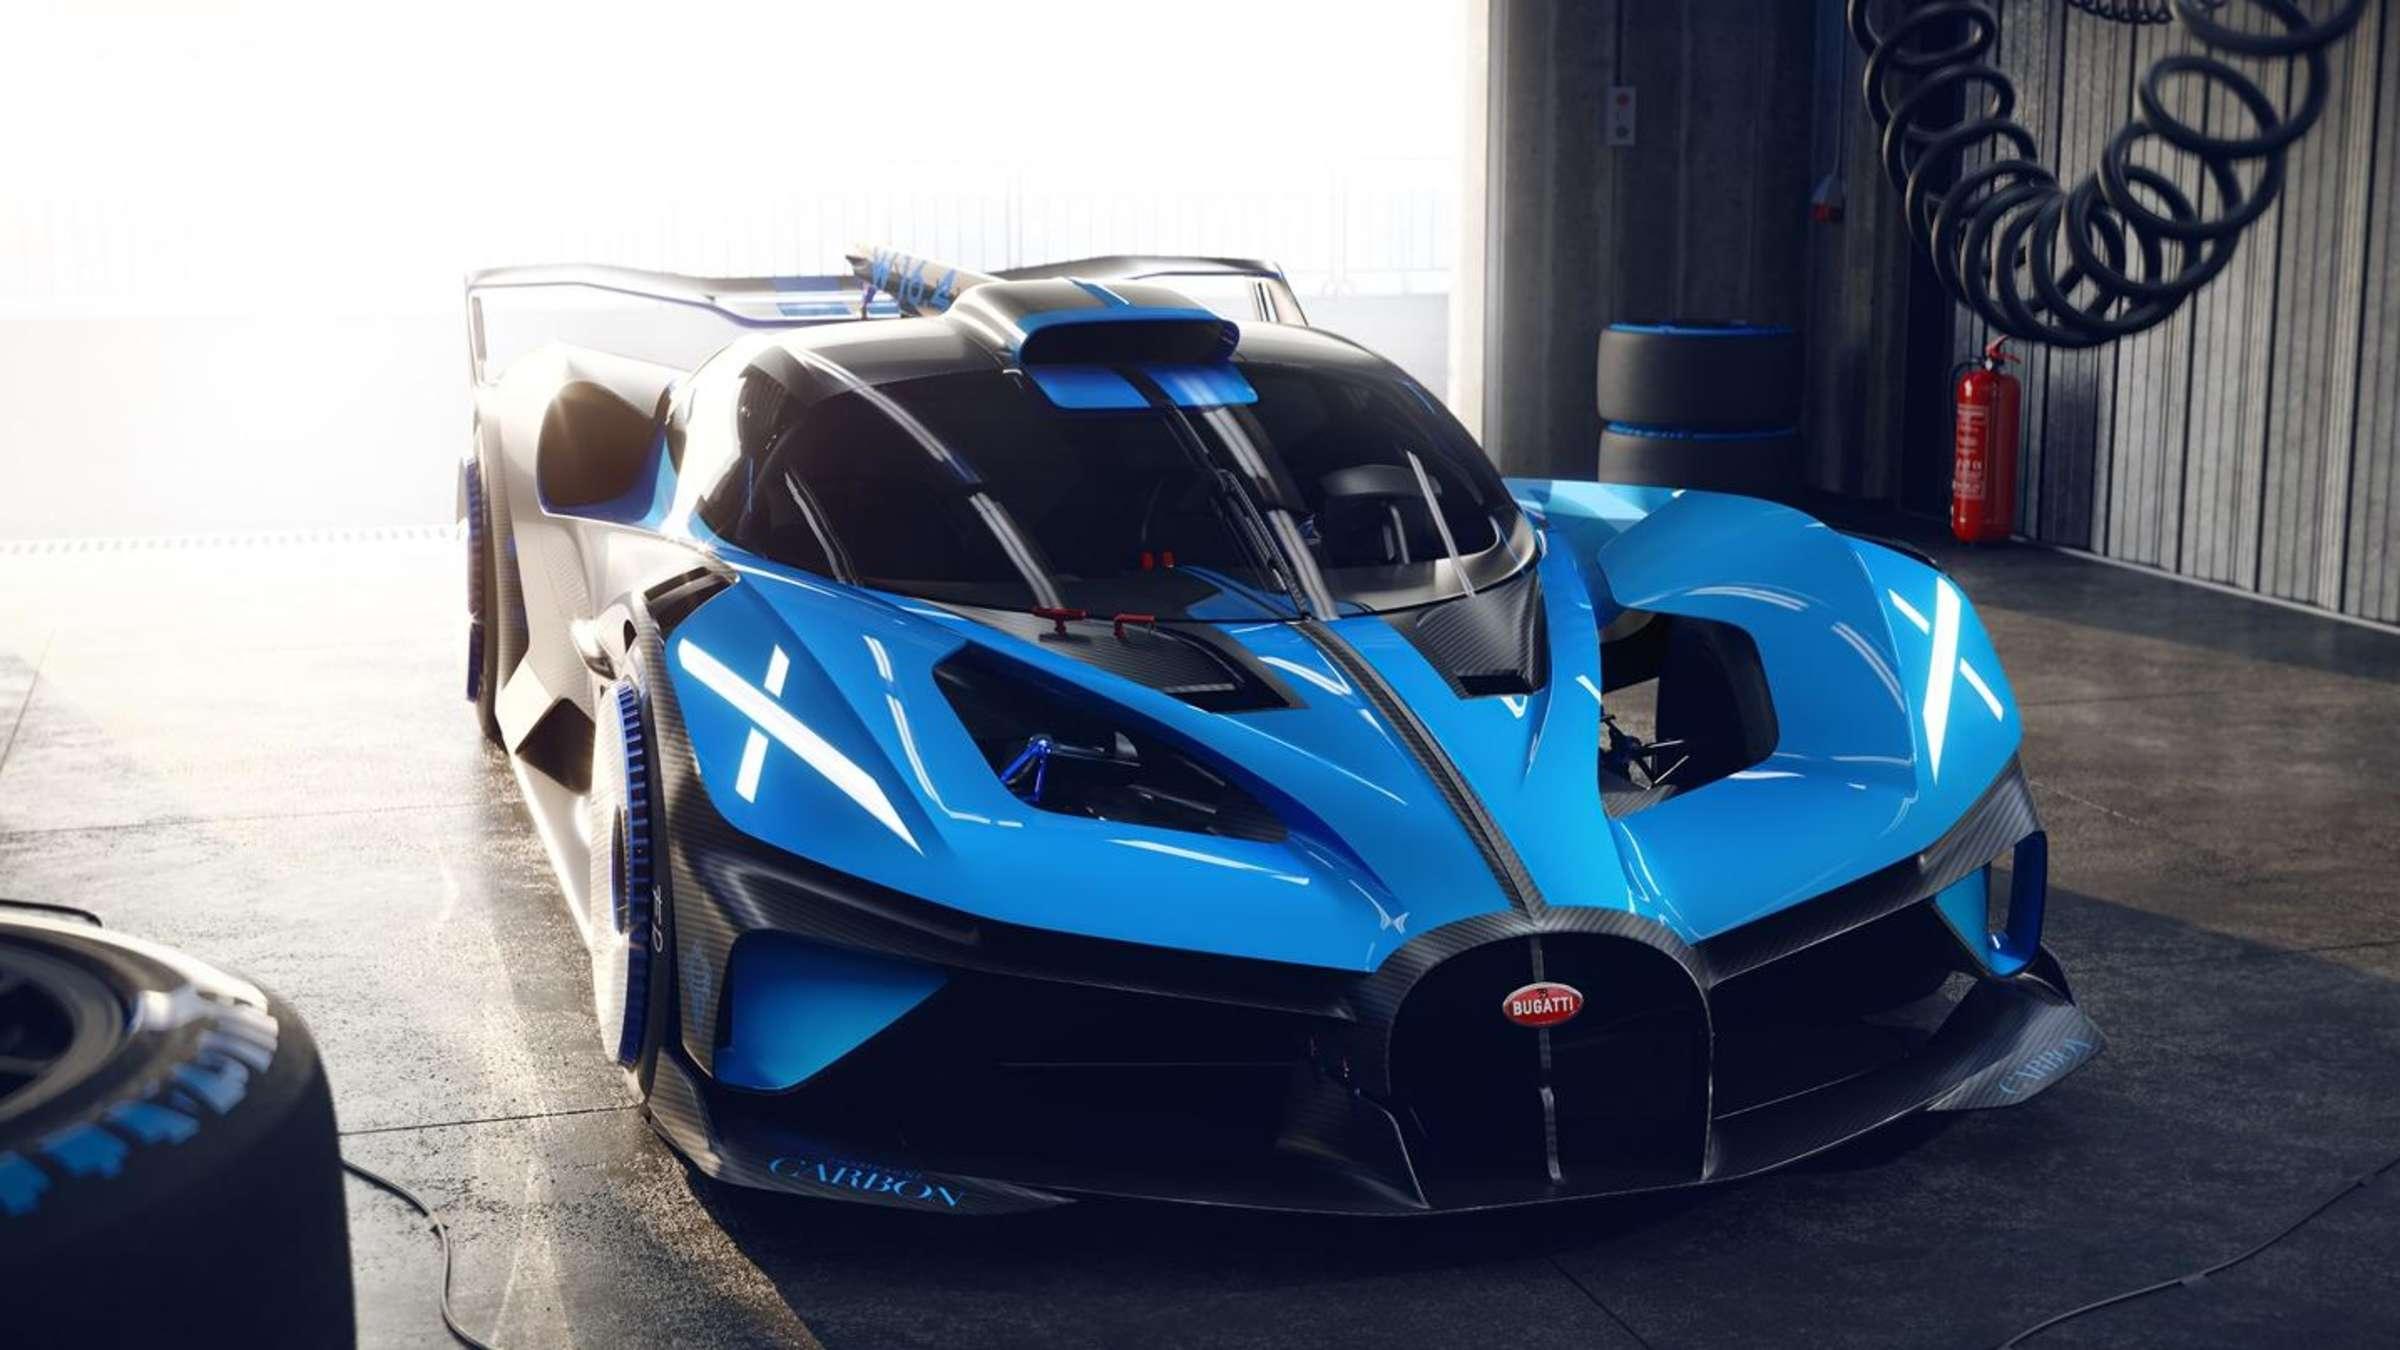 布加迪全新超跑Bolide概念车